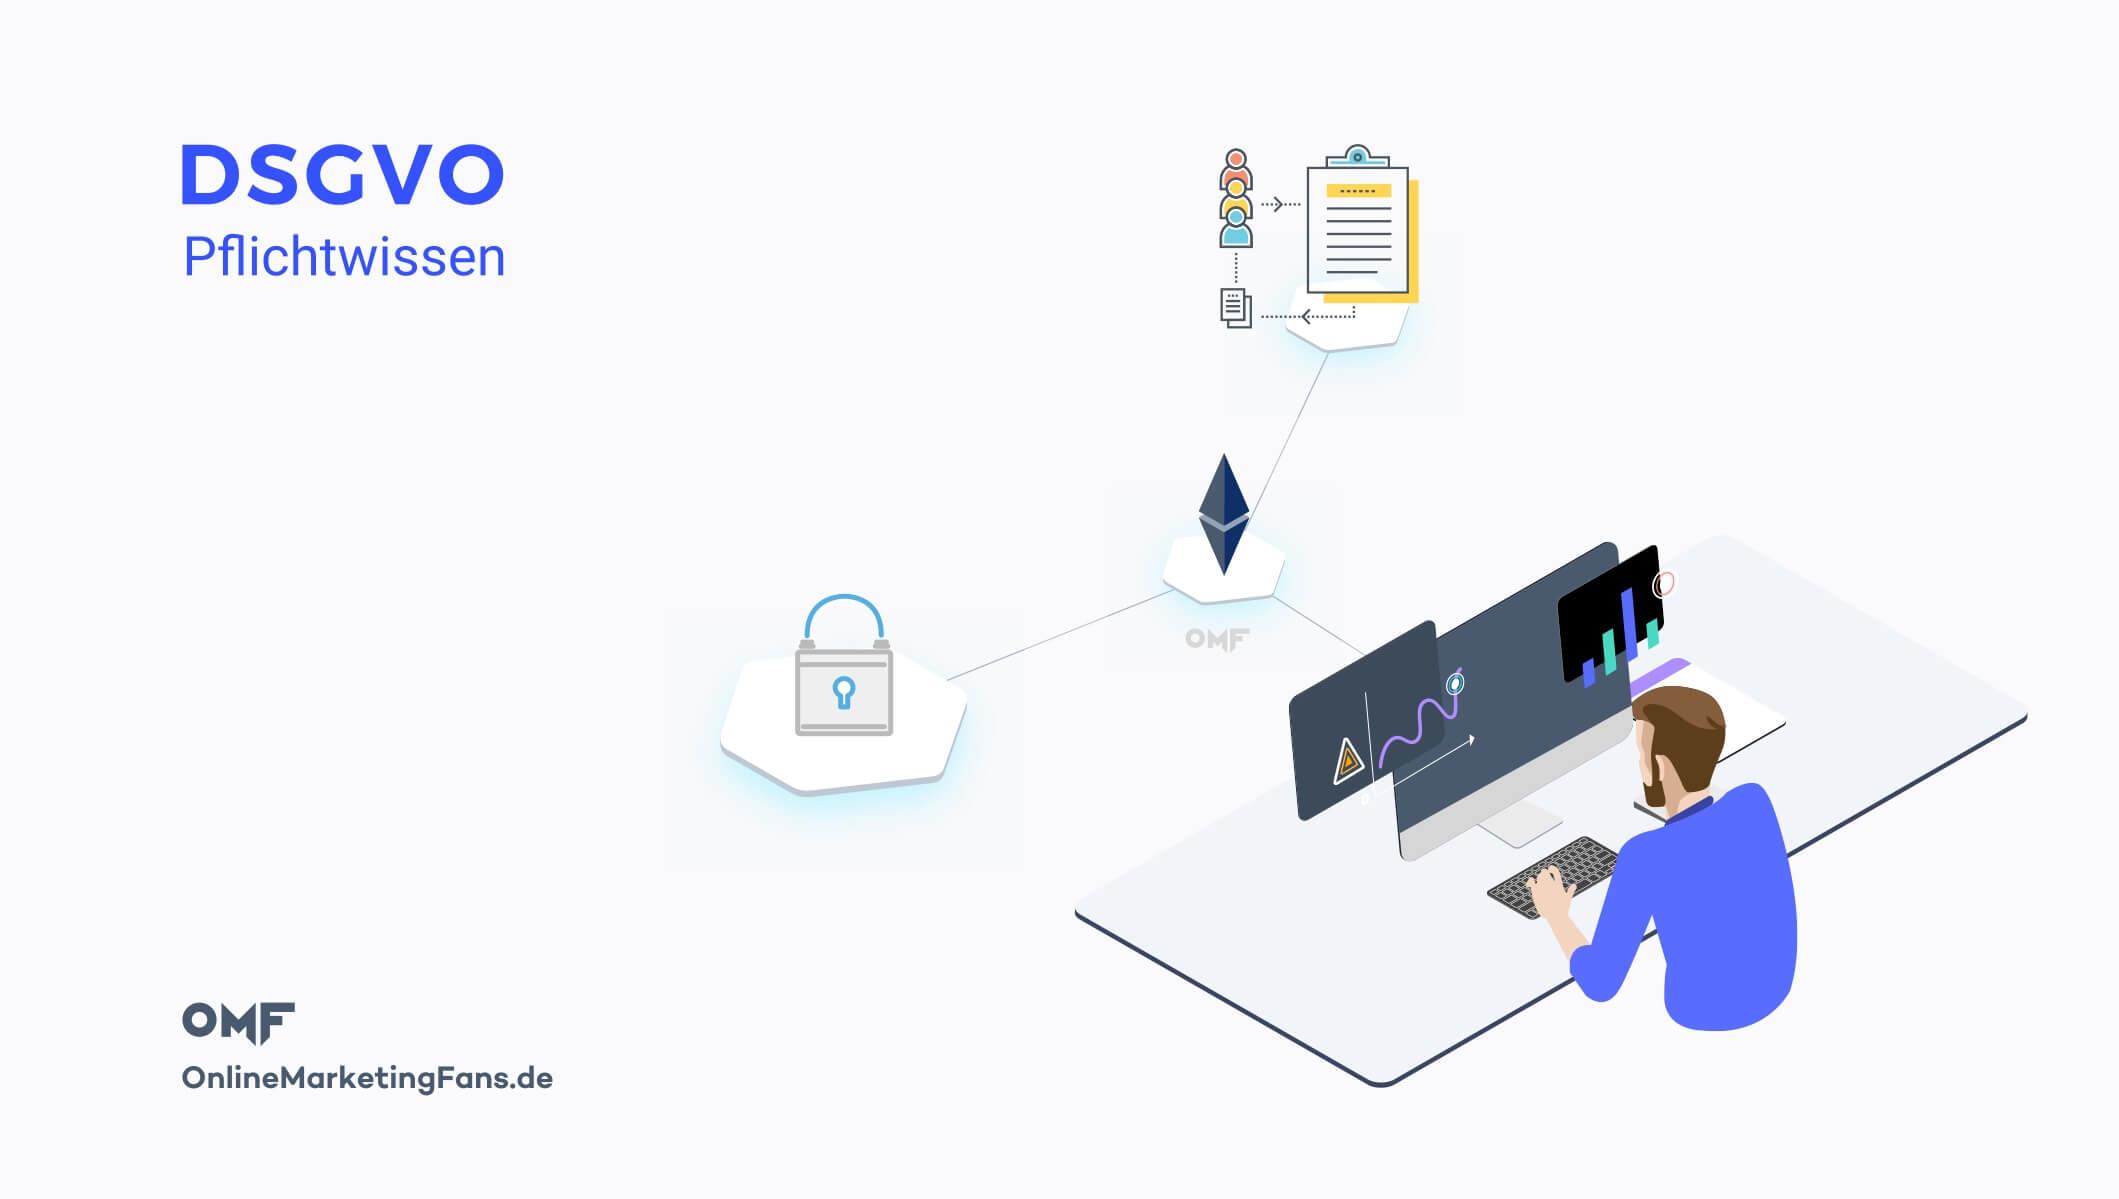 DSGVO Datenschutzreform Auswirkungen - Onlinemarketing